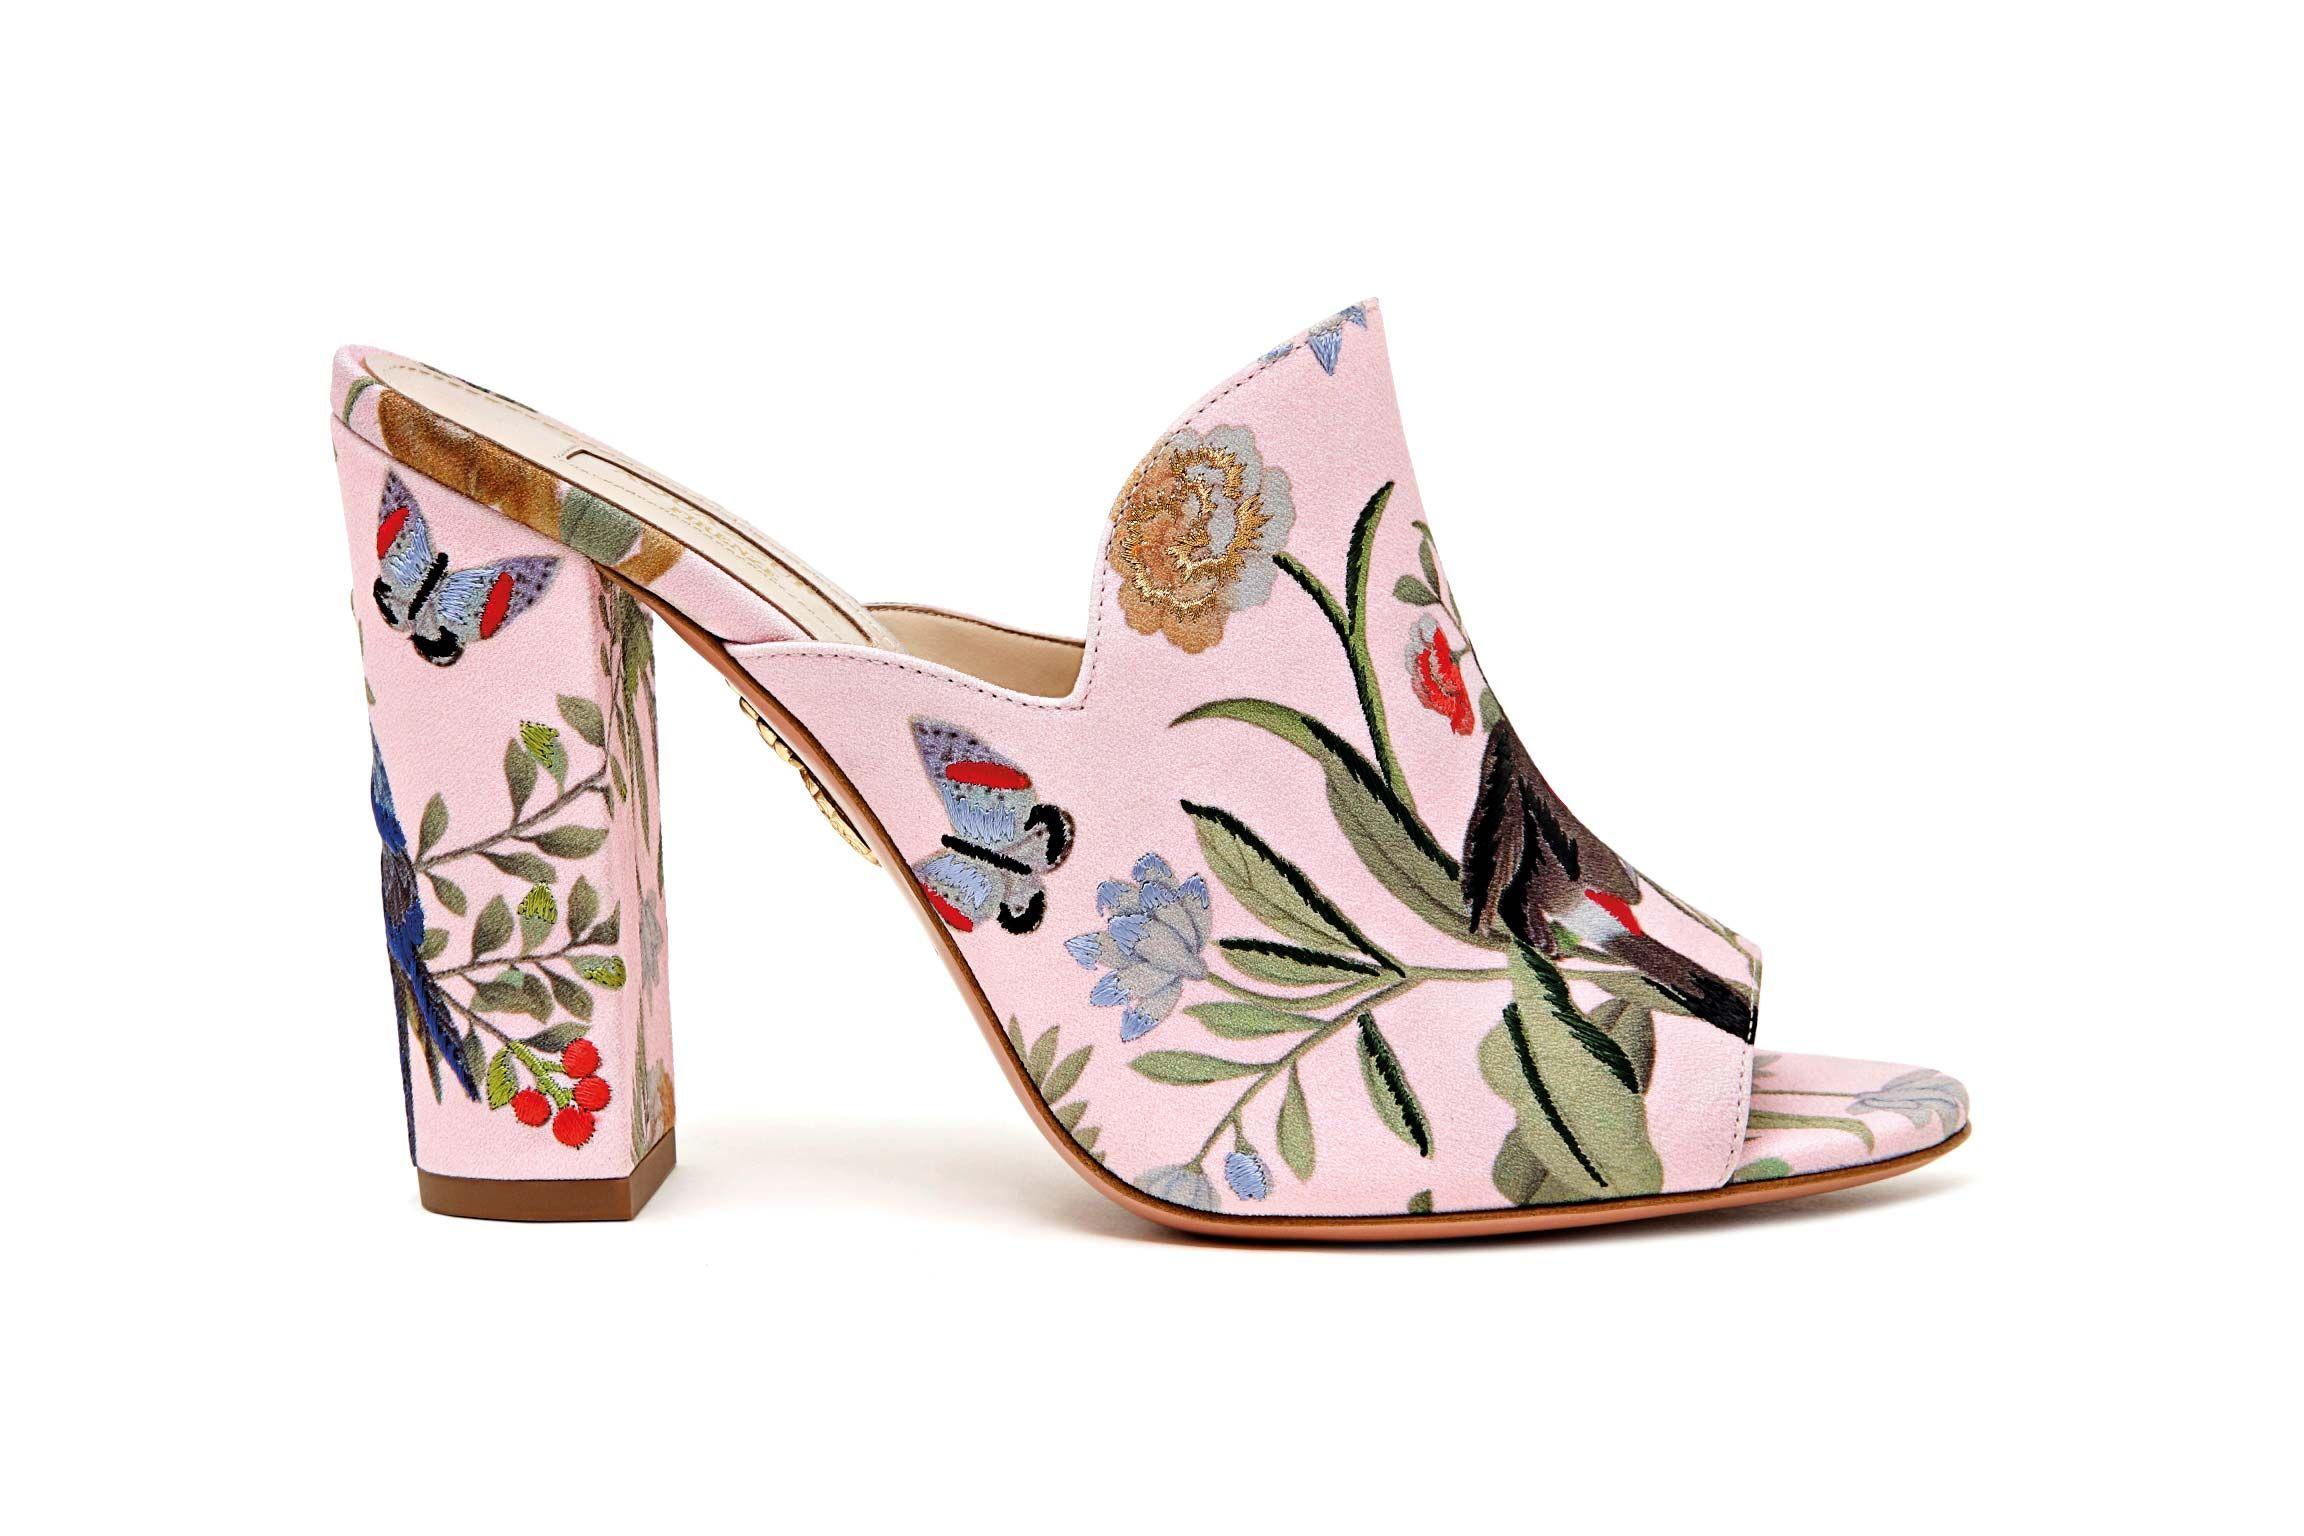 Moda y Deco: Miss butterfly